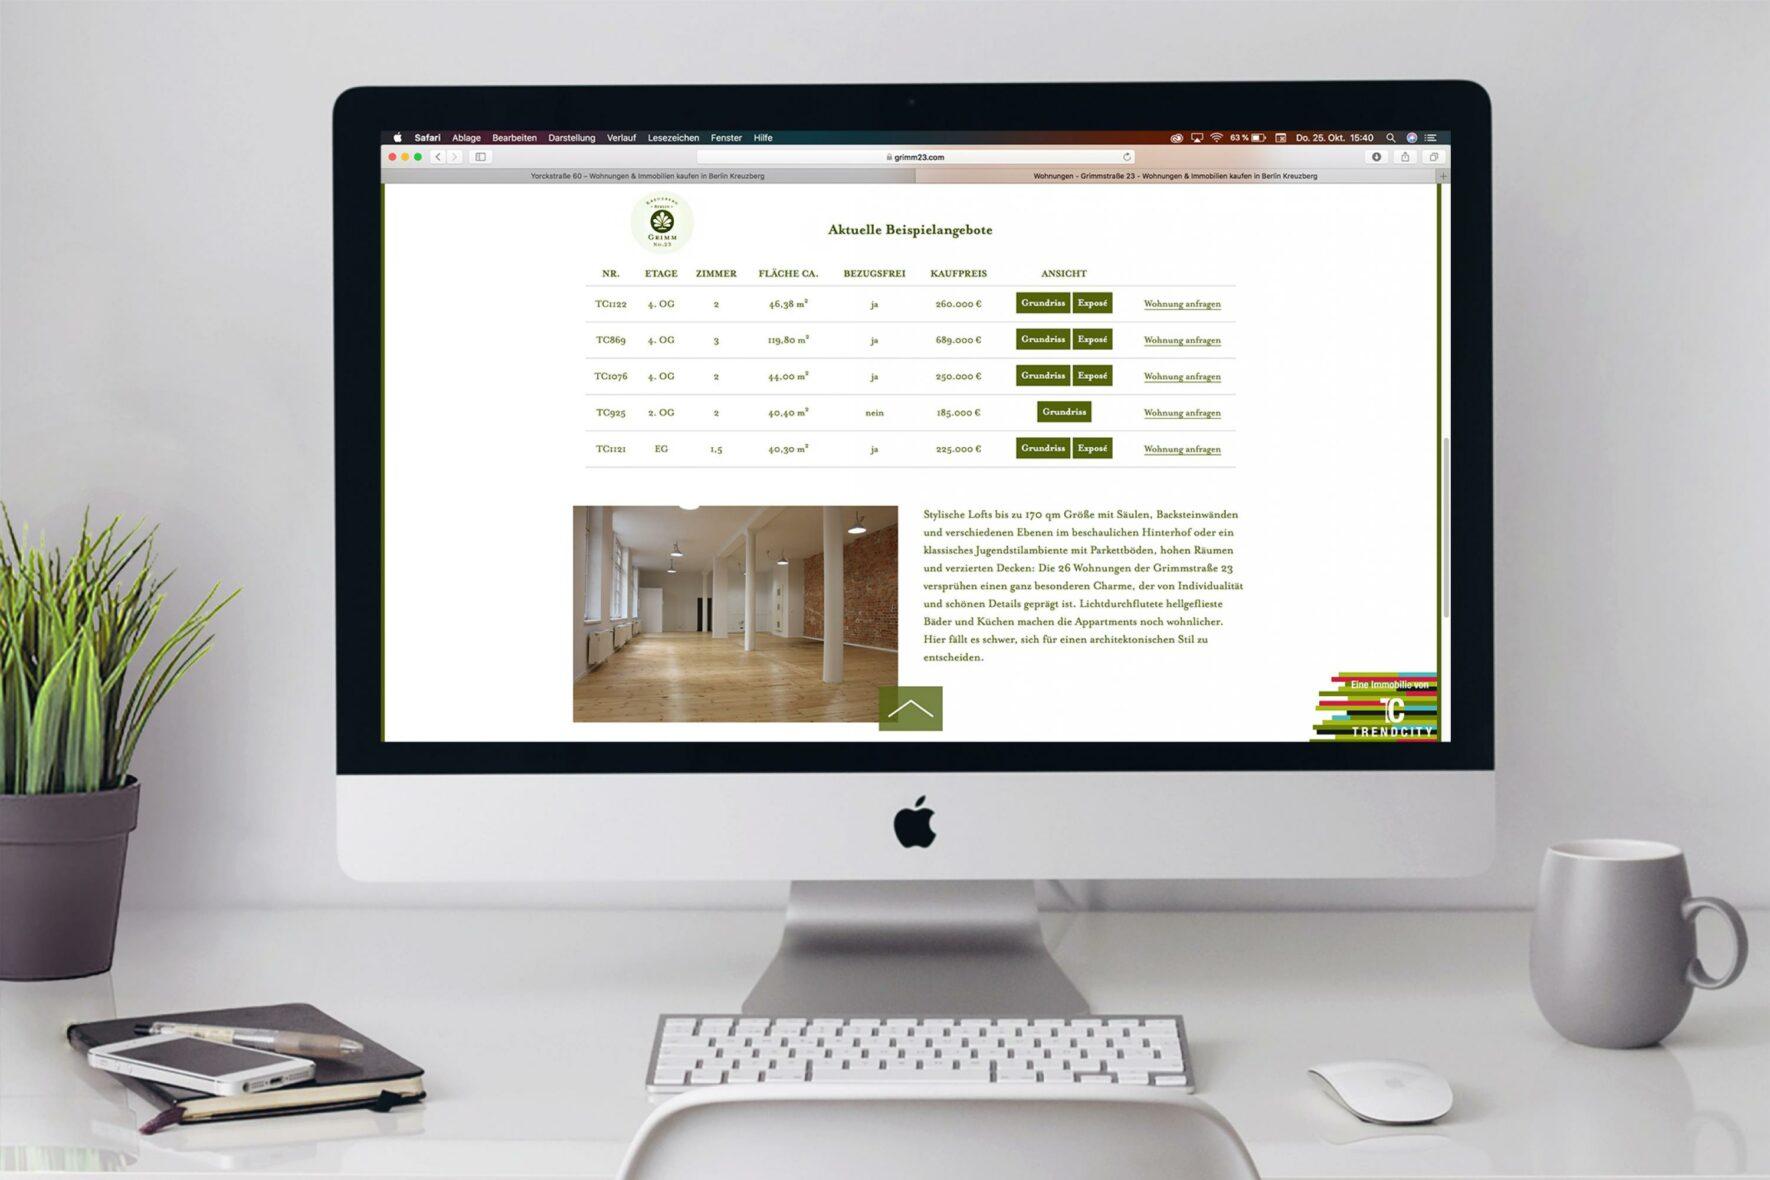 Webiste-Objekte-Branding-Trendcity-Immobilien-Corporate-design-Grimm-3 Kopie